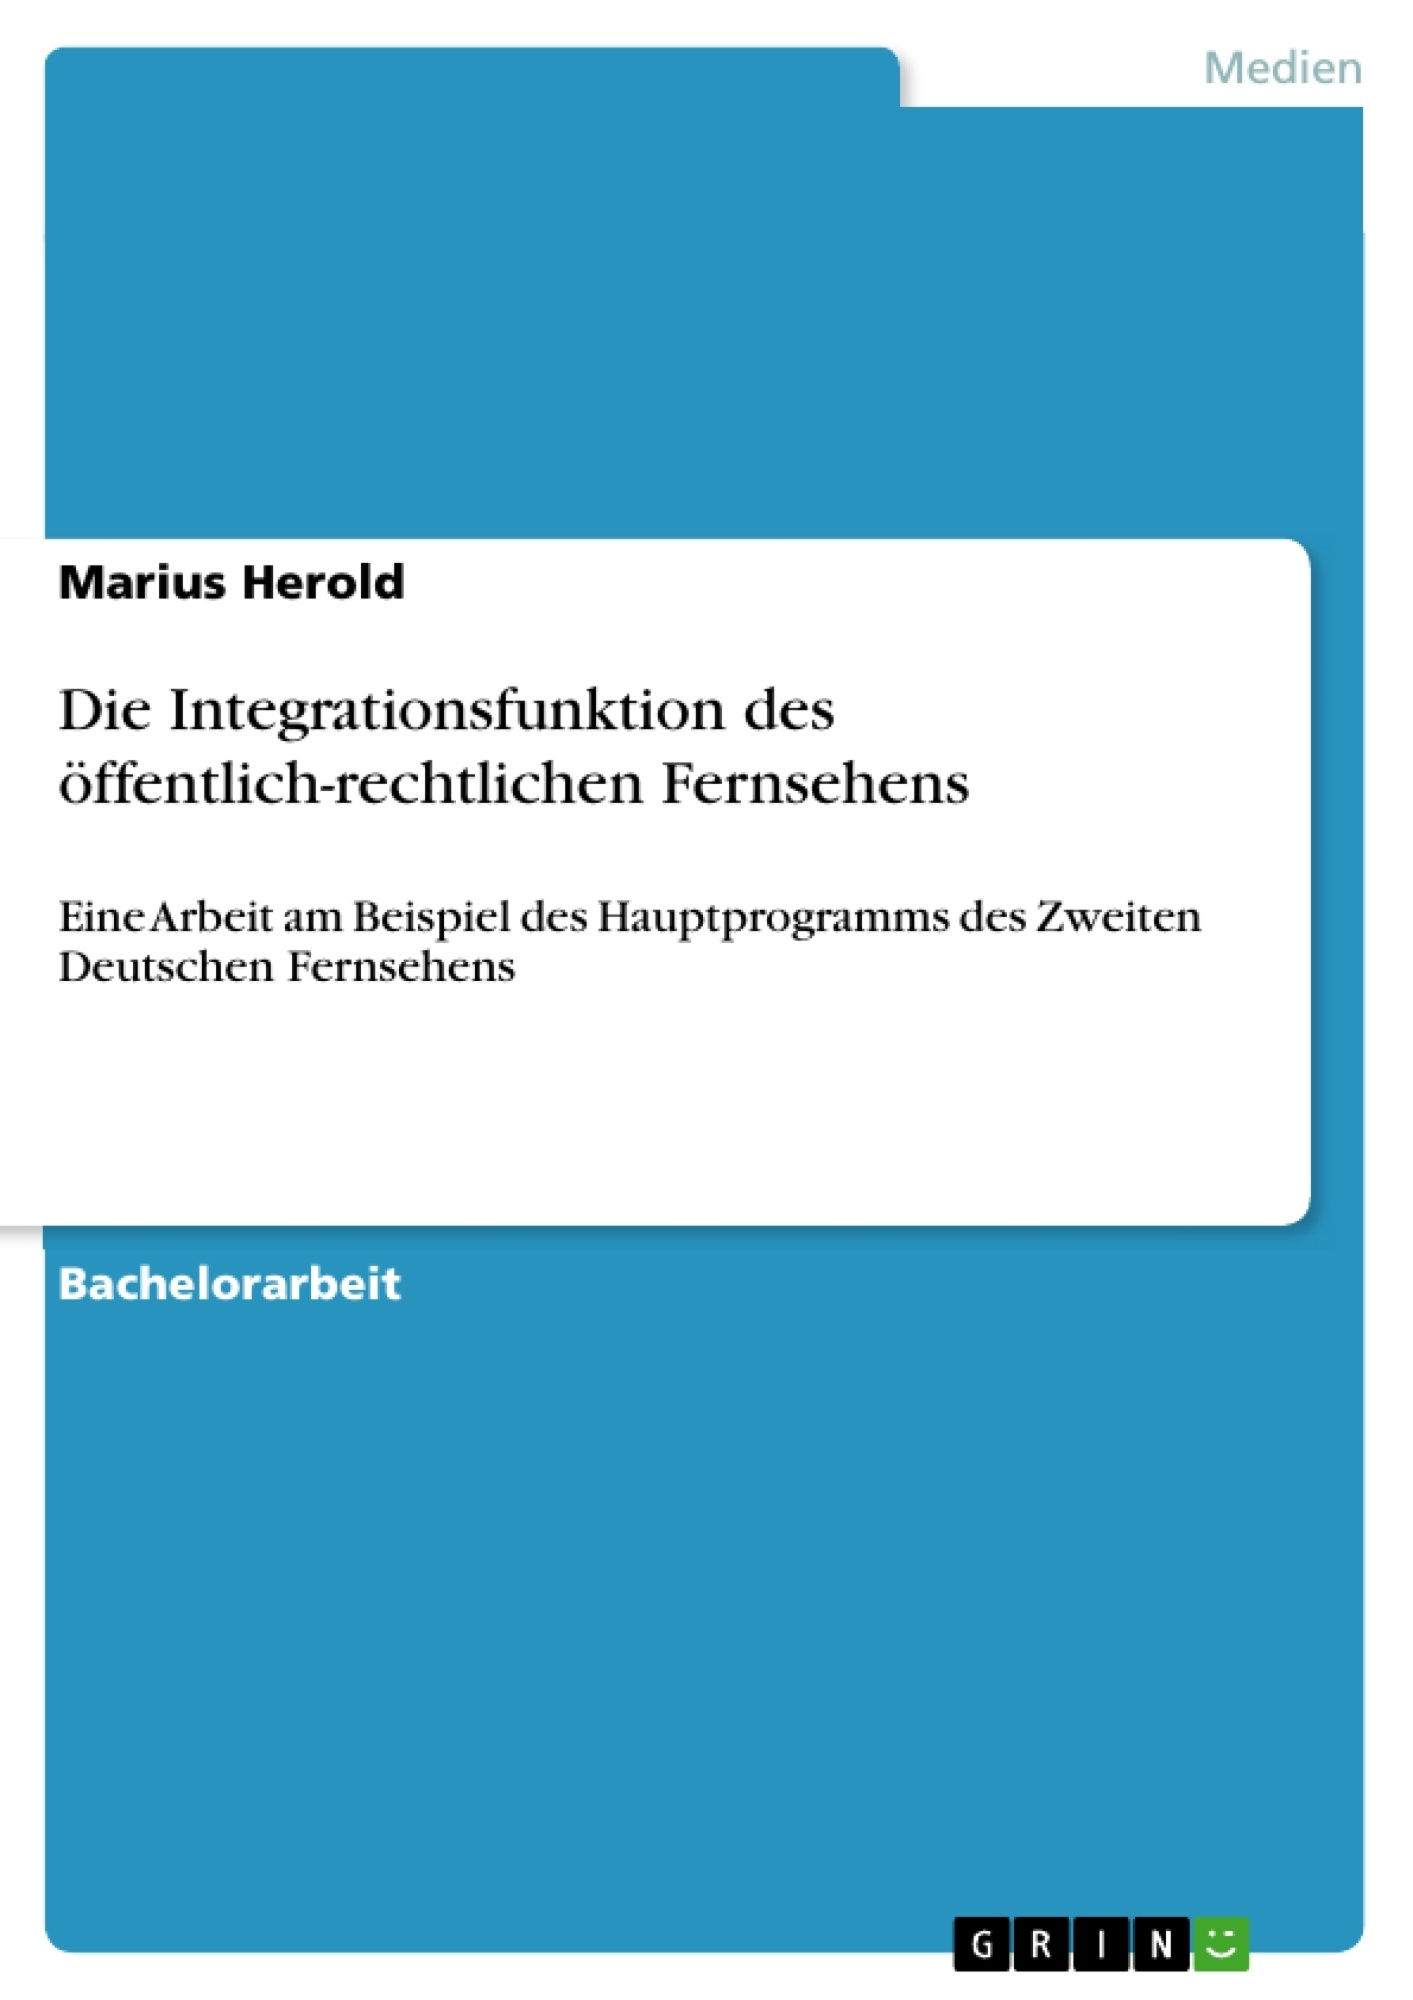 Titel: Die Integrationsfunktion des öffentlich-rechtlichen Fernsehens